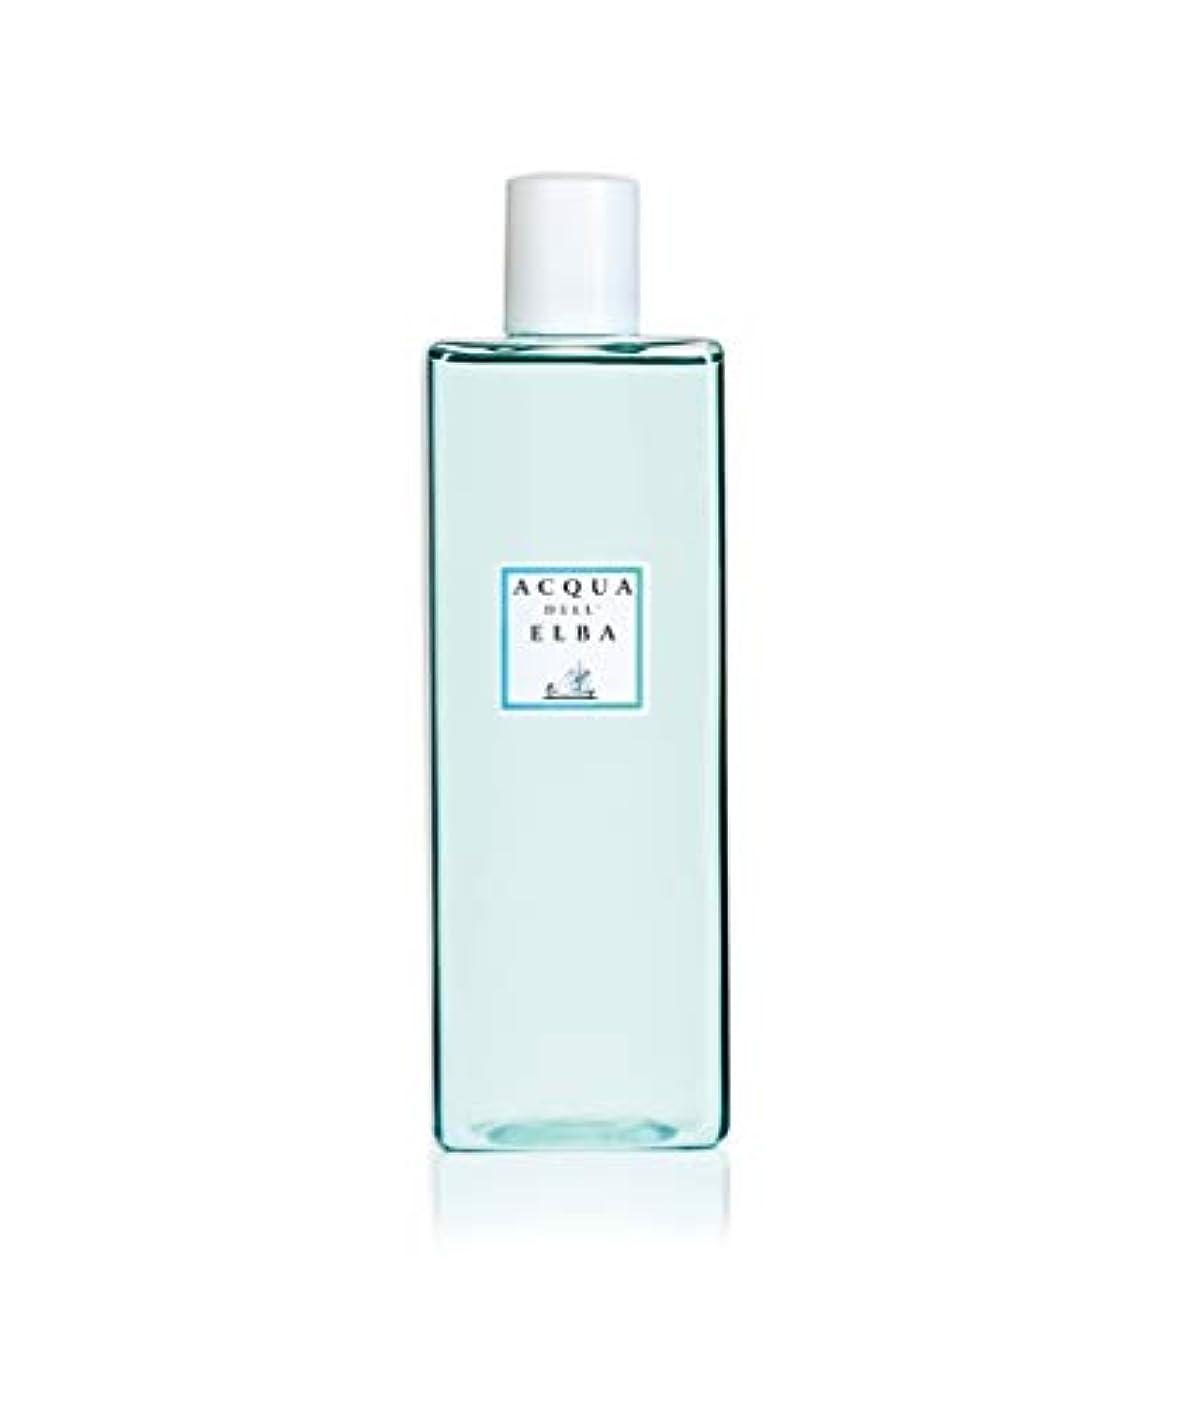 魅力的不満後継アクア?デッレ?エルバ Home Fragrance Diffuser Refill - Isola D'Elba 500ml/17oz並行輸入品